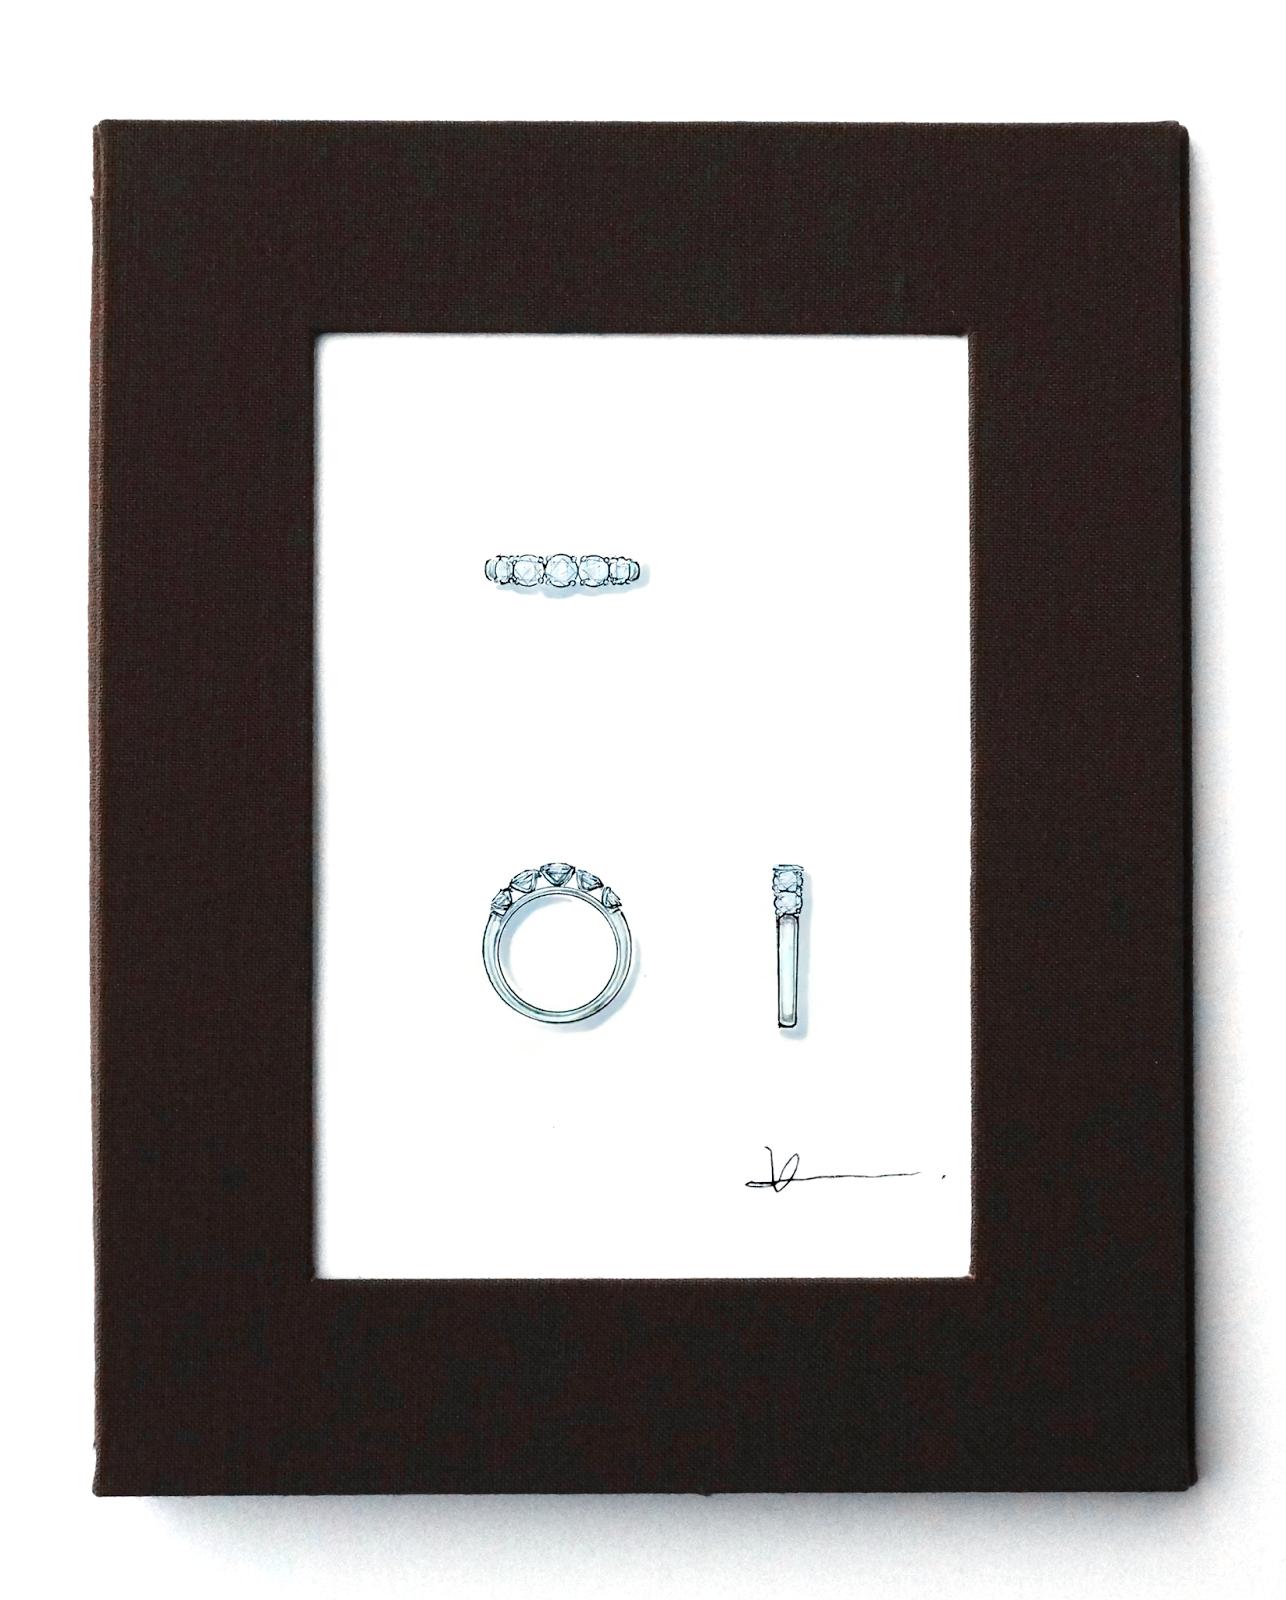 岡田訓明が描いたダイヤモンドリングのデザイン画